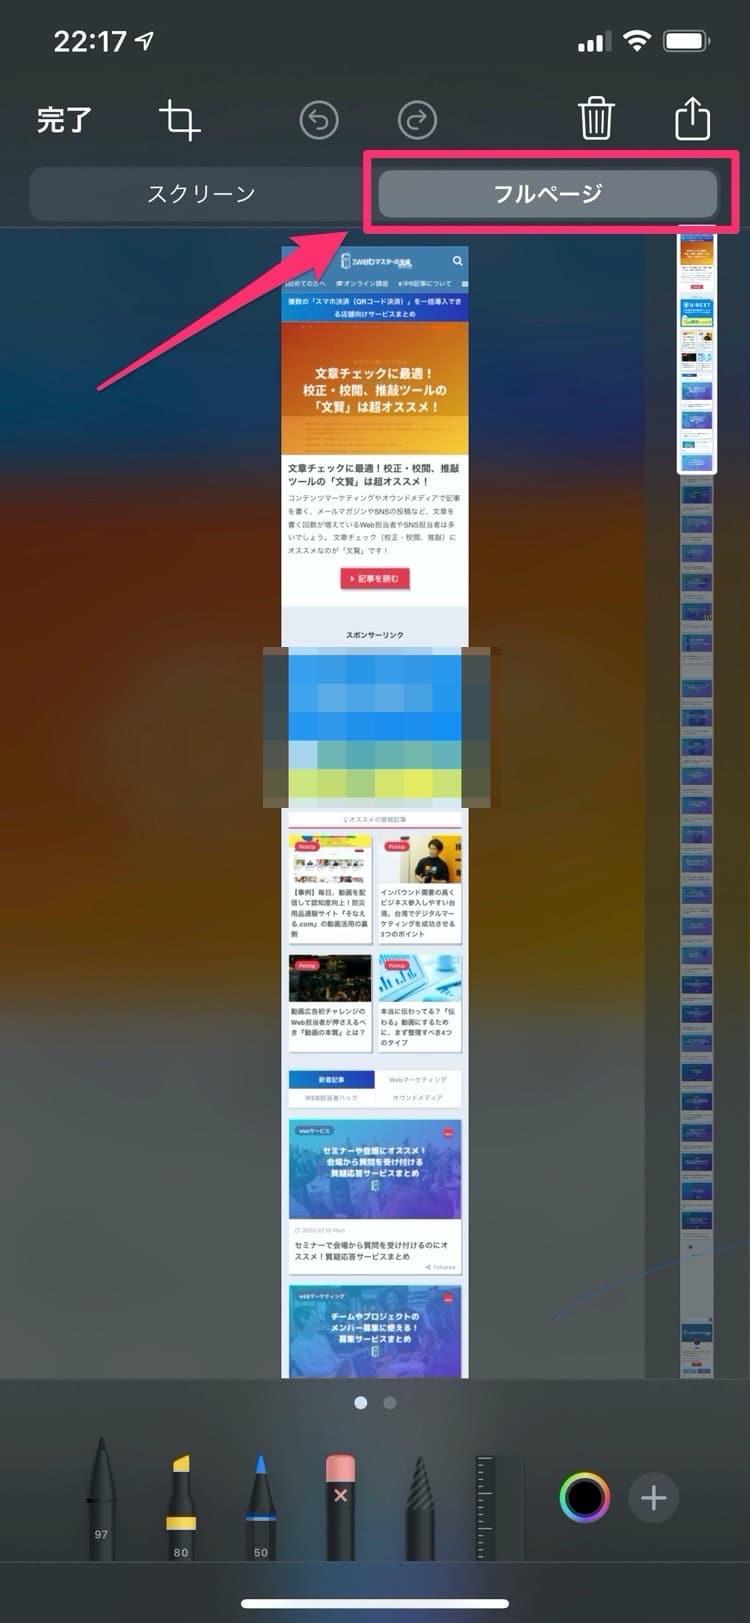 iPhoneでWebページ全体のスクリーンショットを撮る